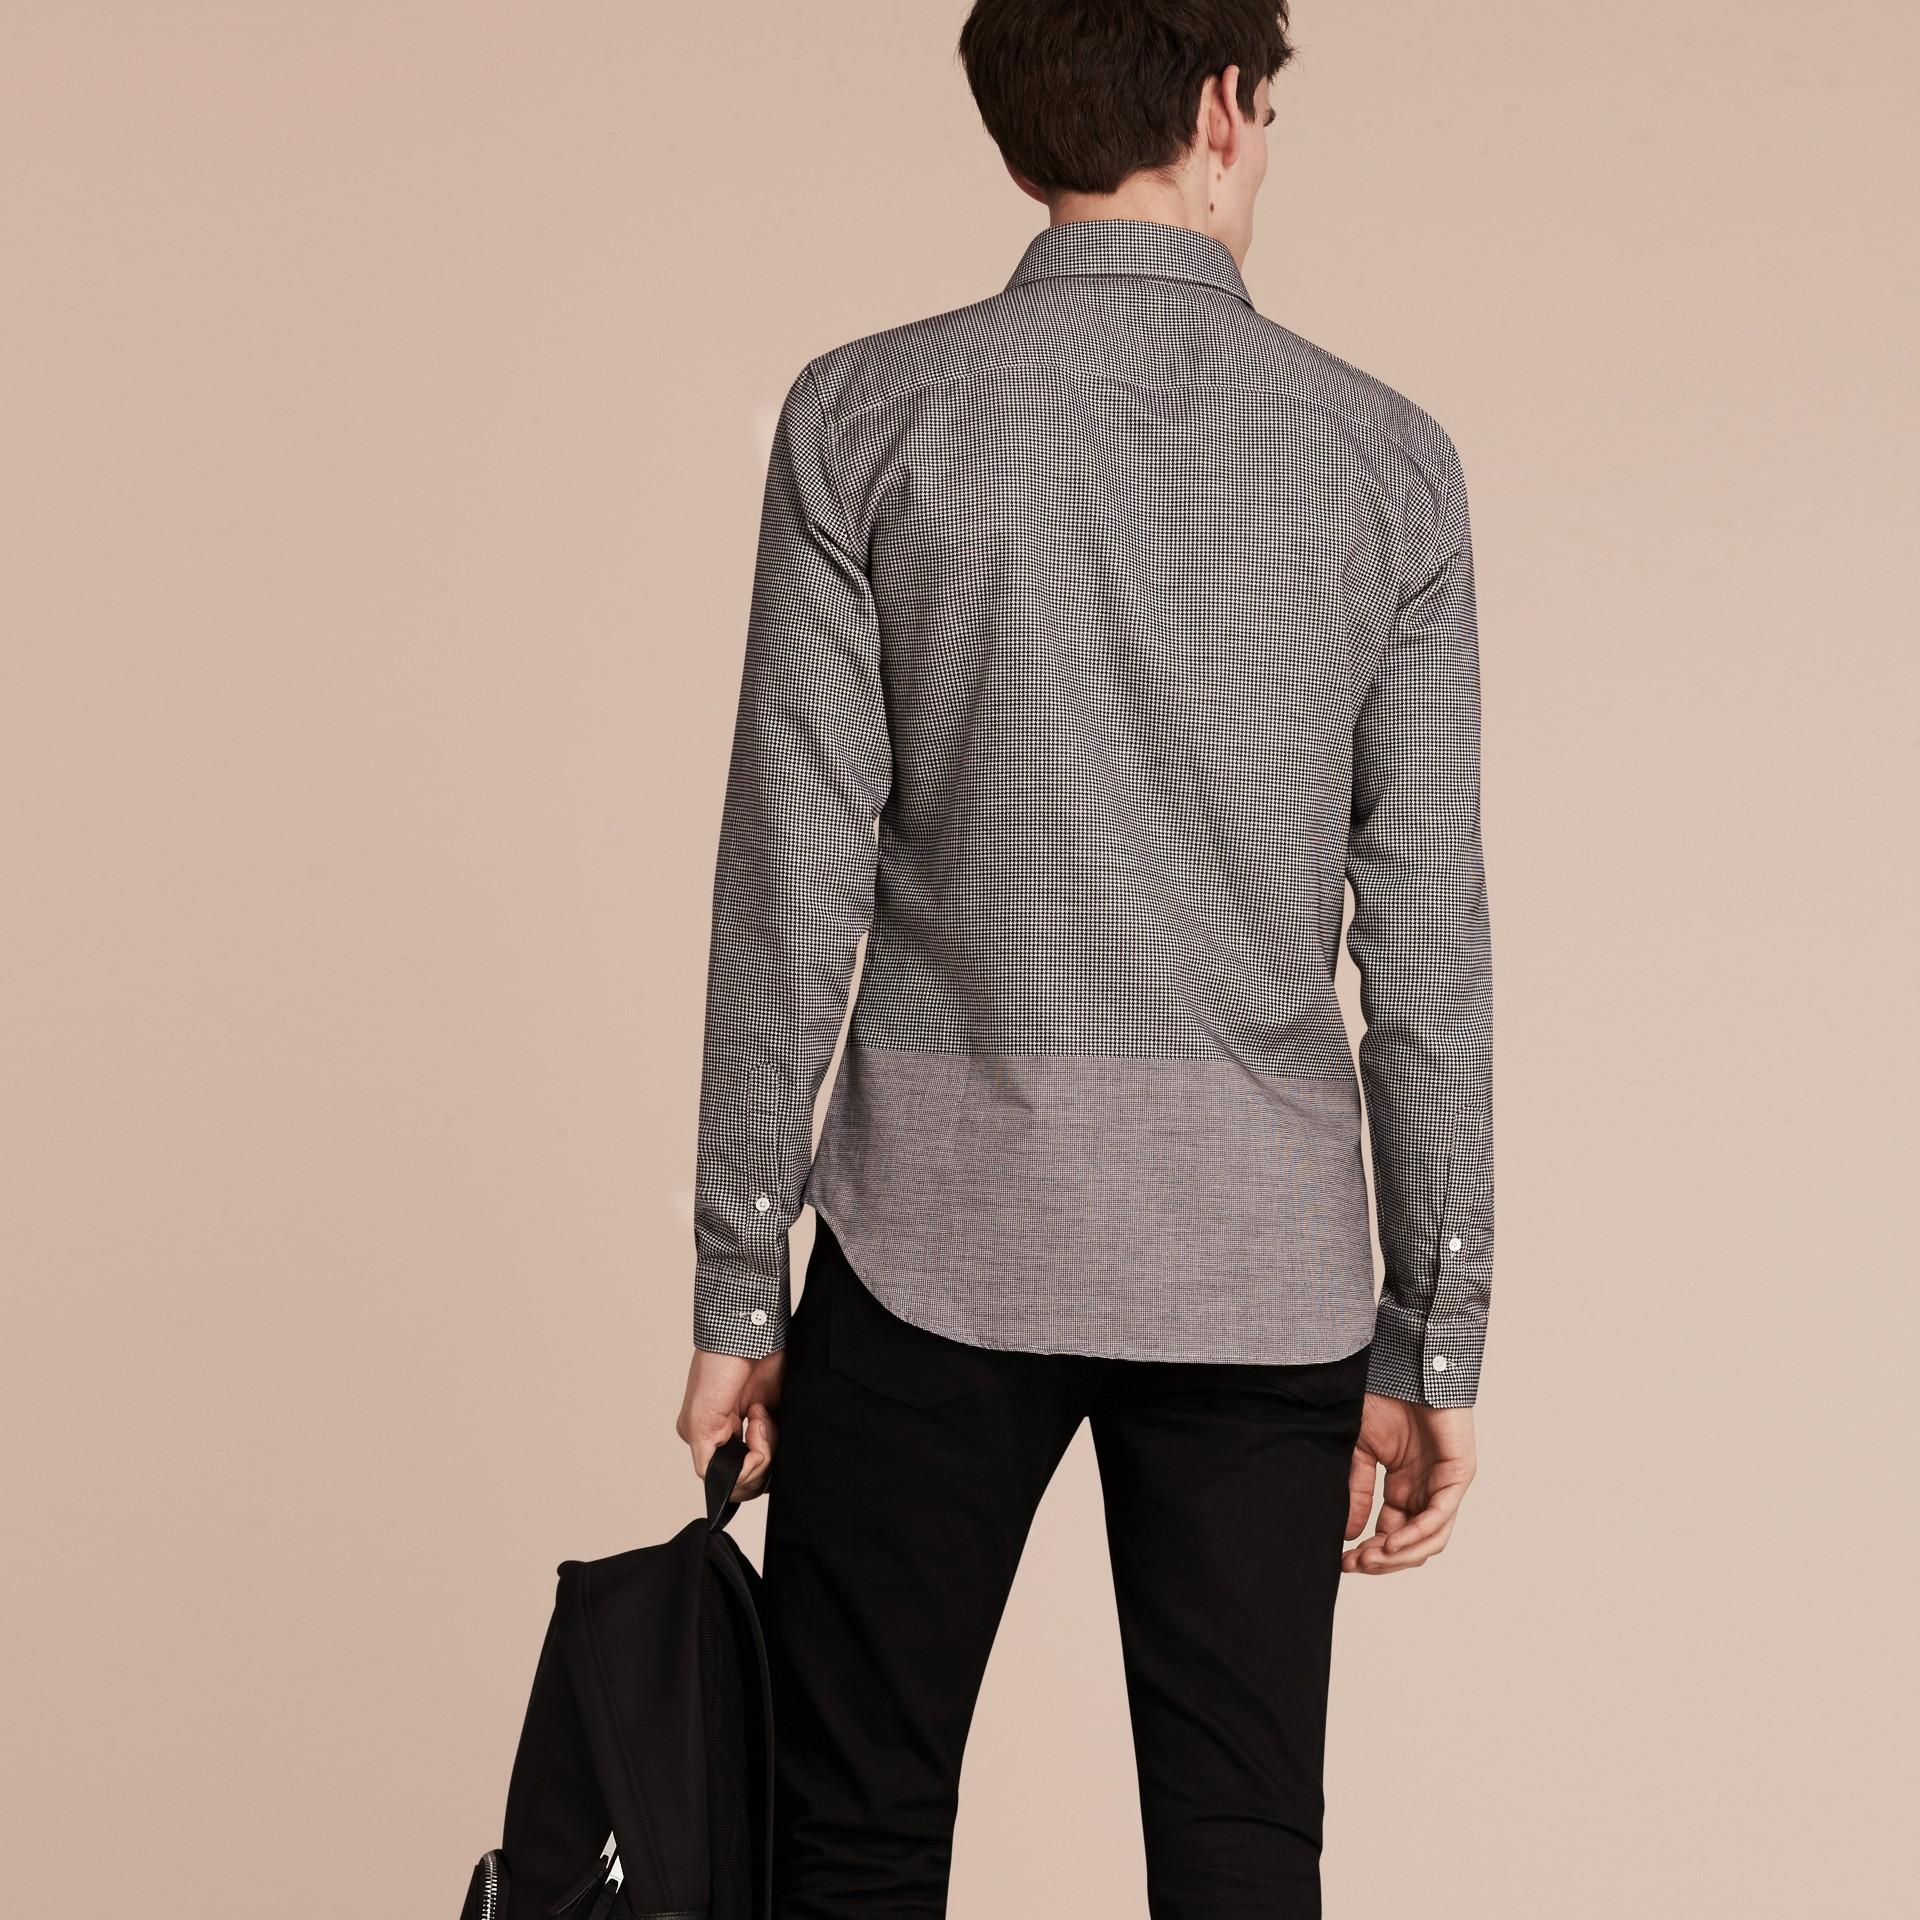 Schwarz Hemd aus Baumwolle mit kleinem Hahnentrittmuster - Galerie-Bild 3